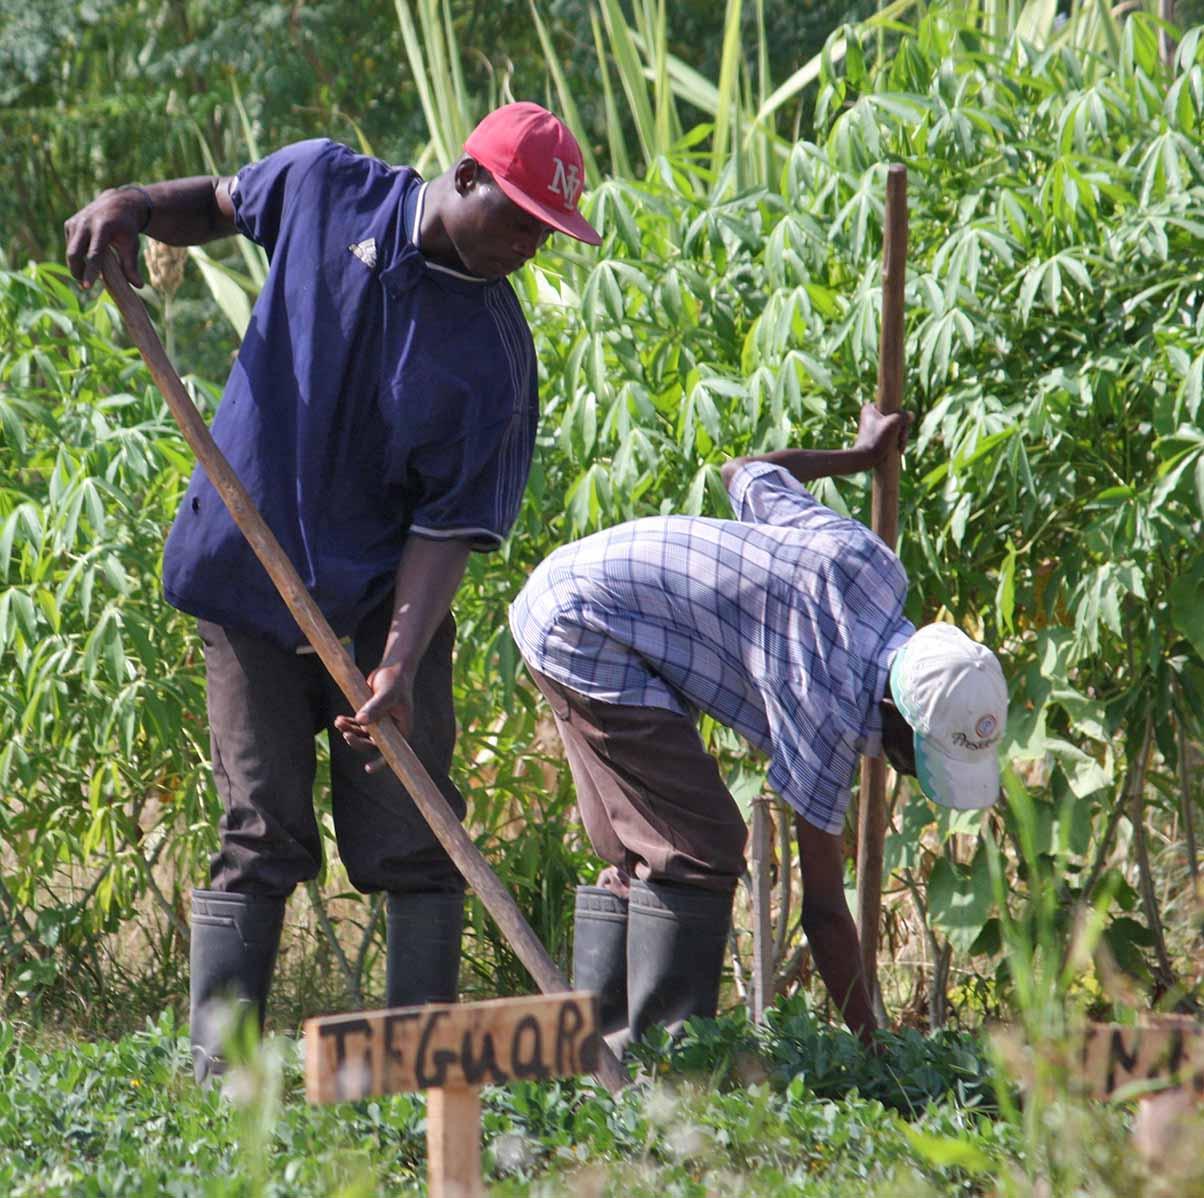 Haiti Farmers TifGuard Peanuts